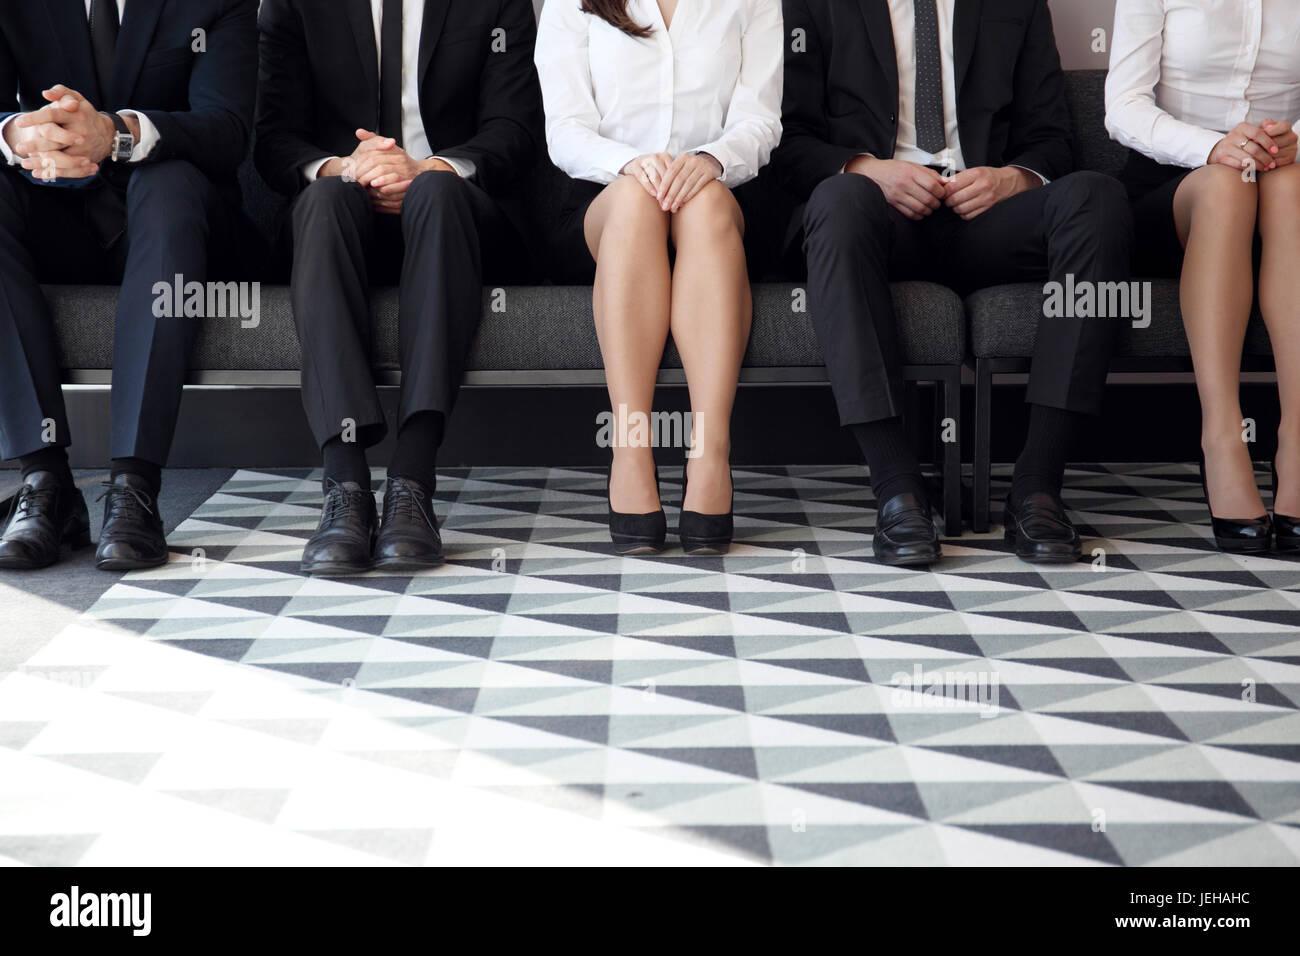 Personnes en attente d'entrevue d'emploi assis sur des chaises dans une rangée Photo Stock